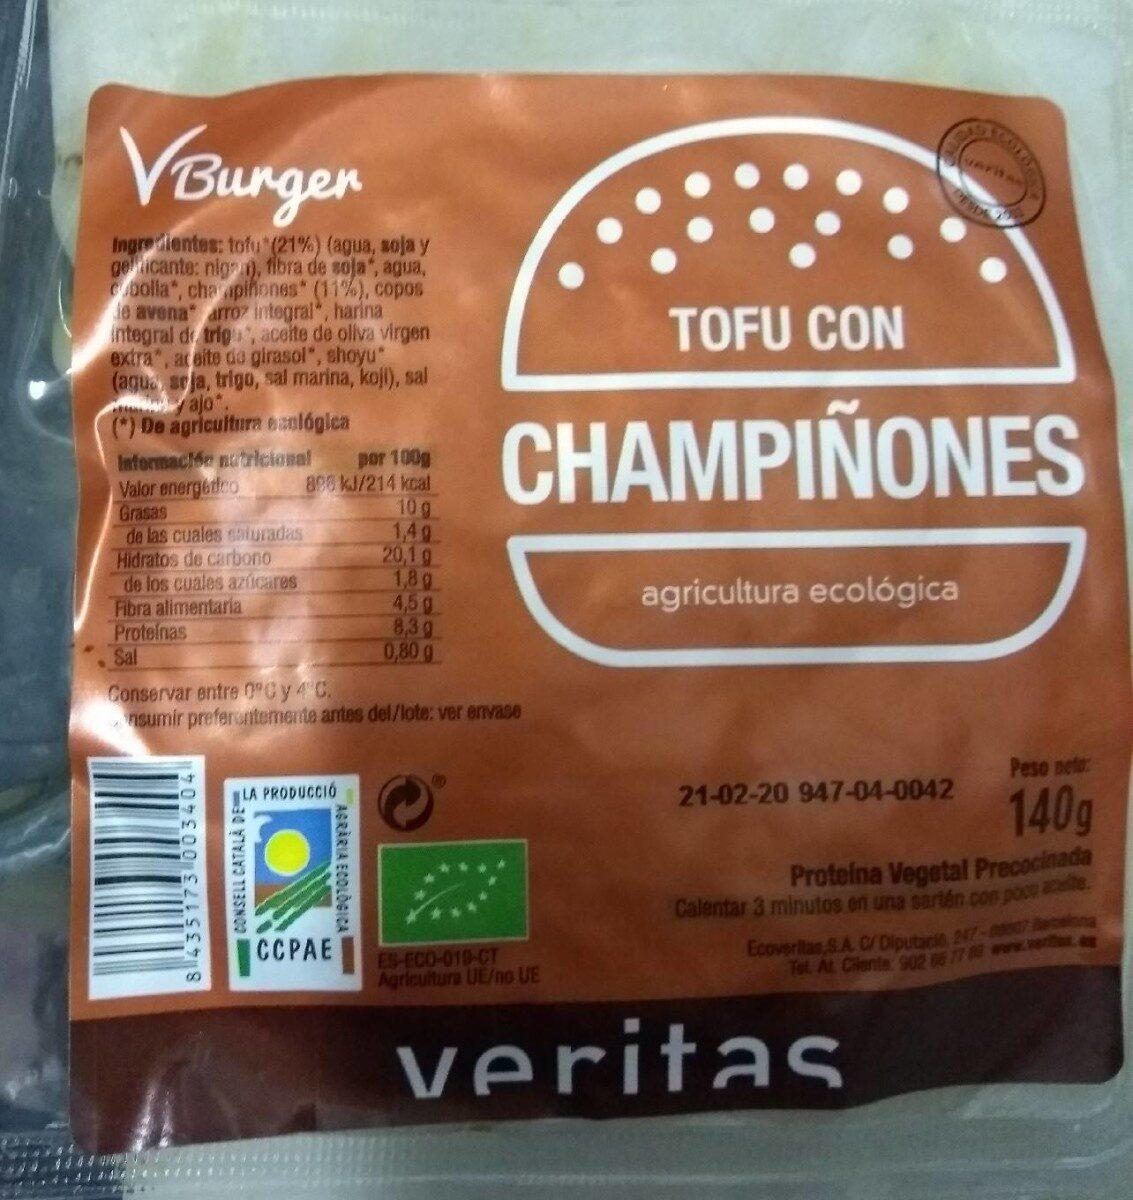 VBurger Tofu con champiñones - Producto